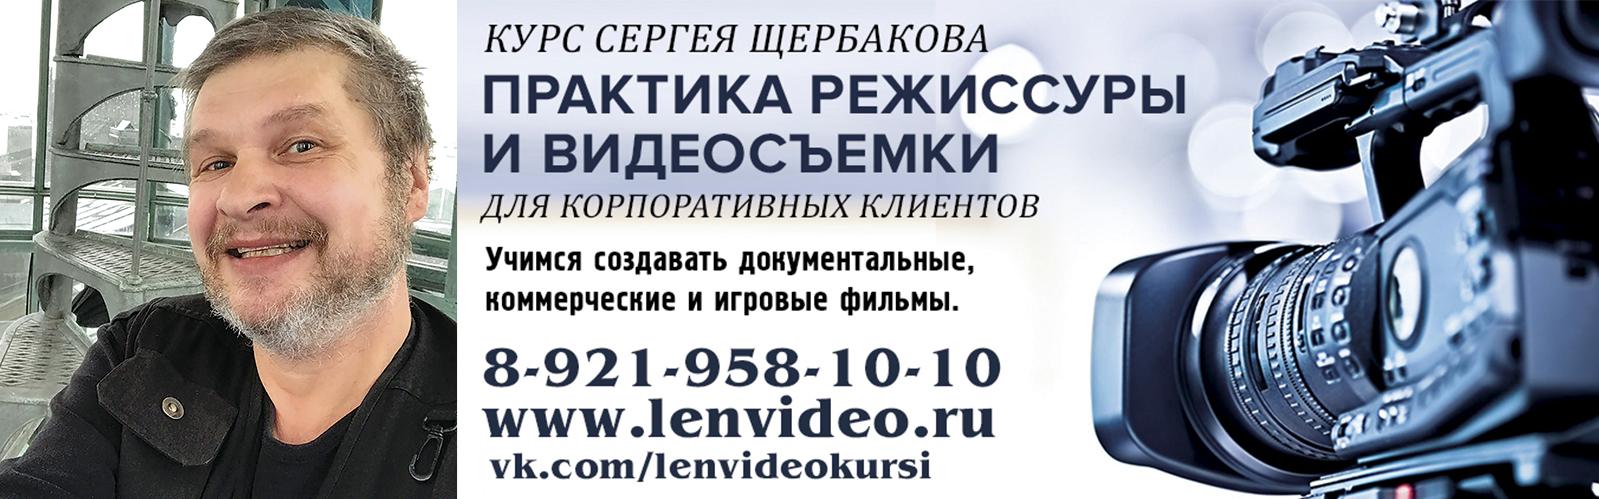 Курсы видеосъемки Сергей Щербаков